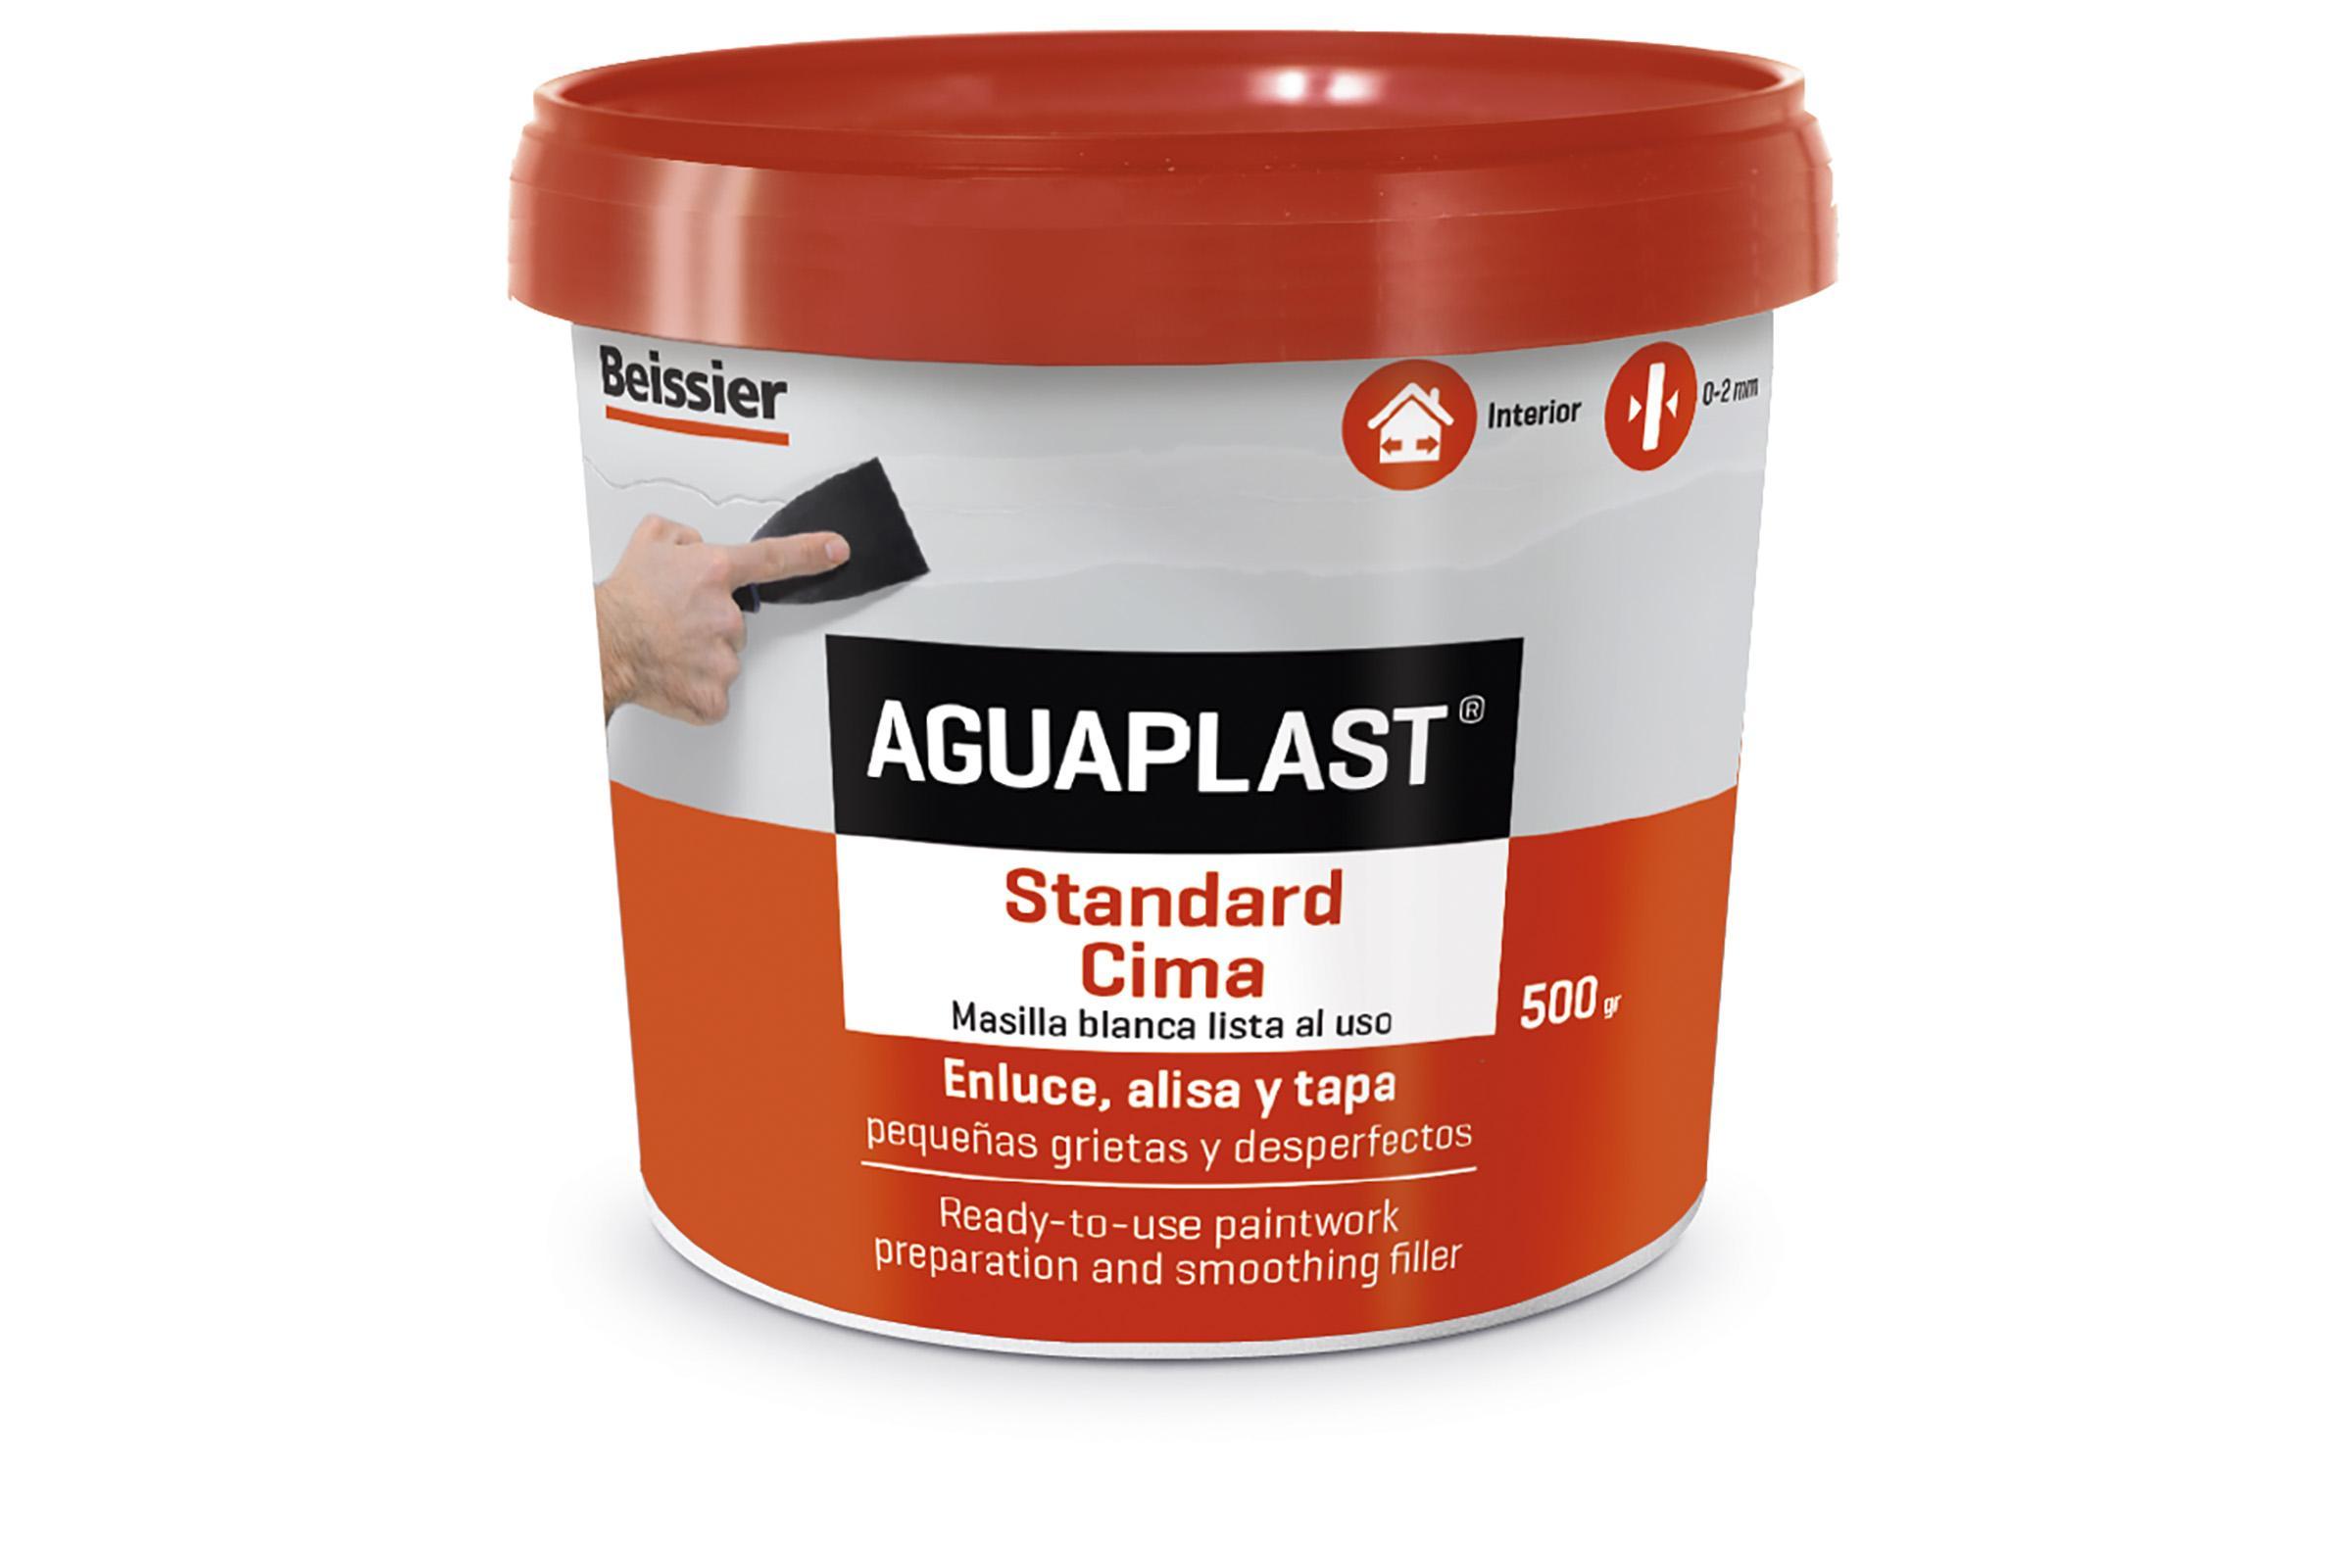 Aguaplast-Standard-Cima